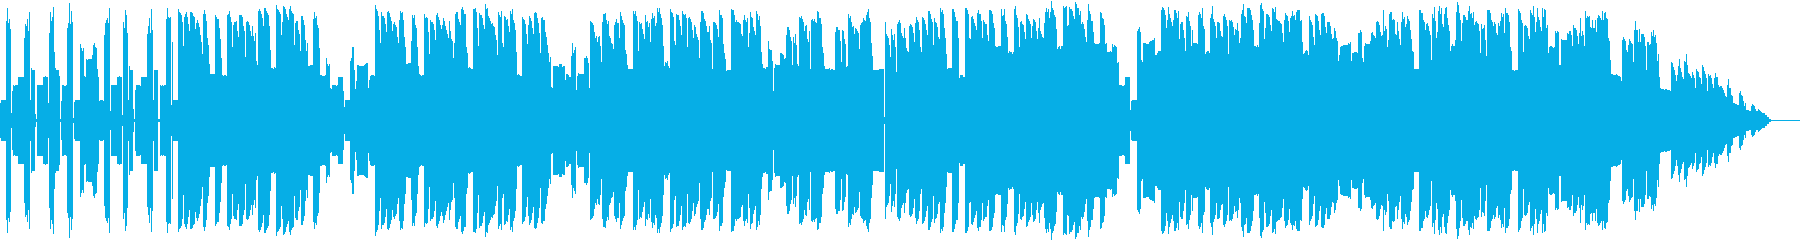 初期のファミコン風な明るめのループBGMの再生済みの波形